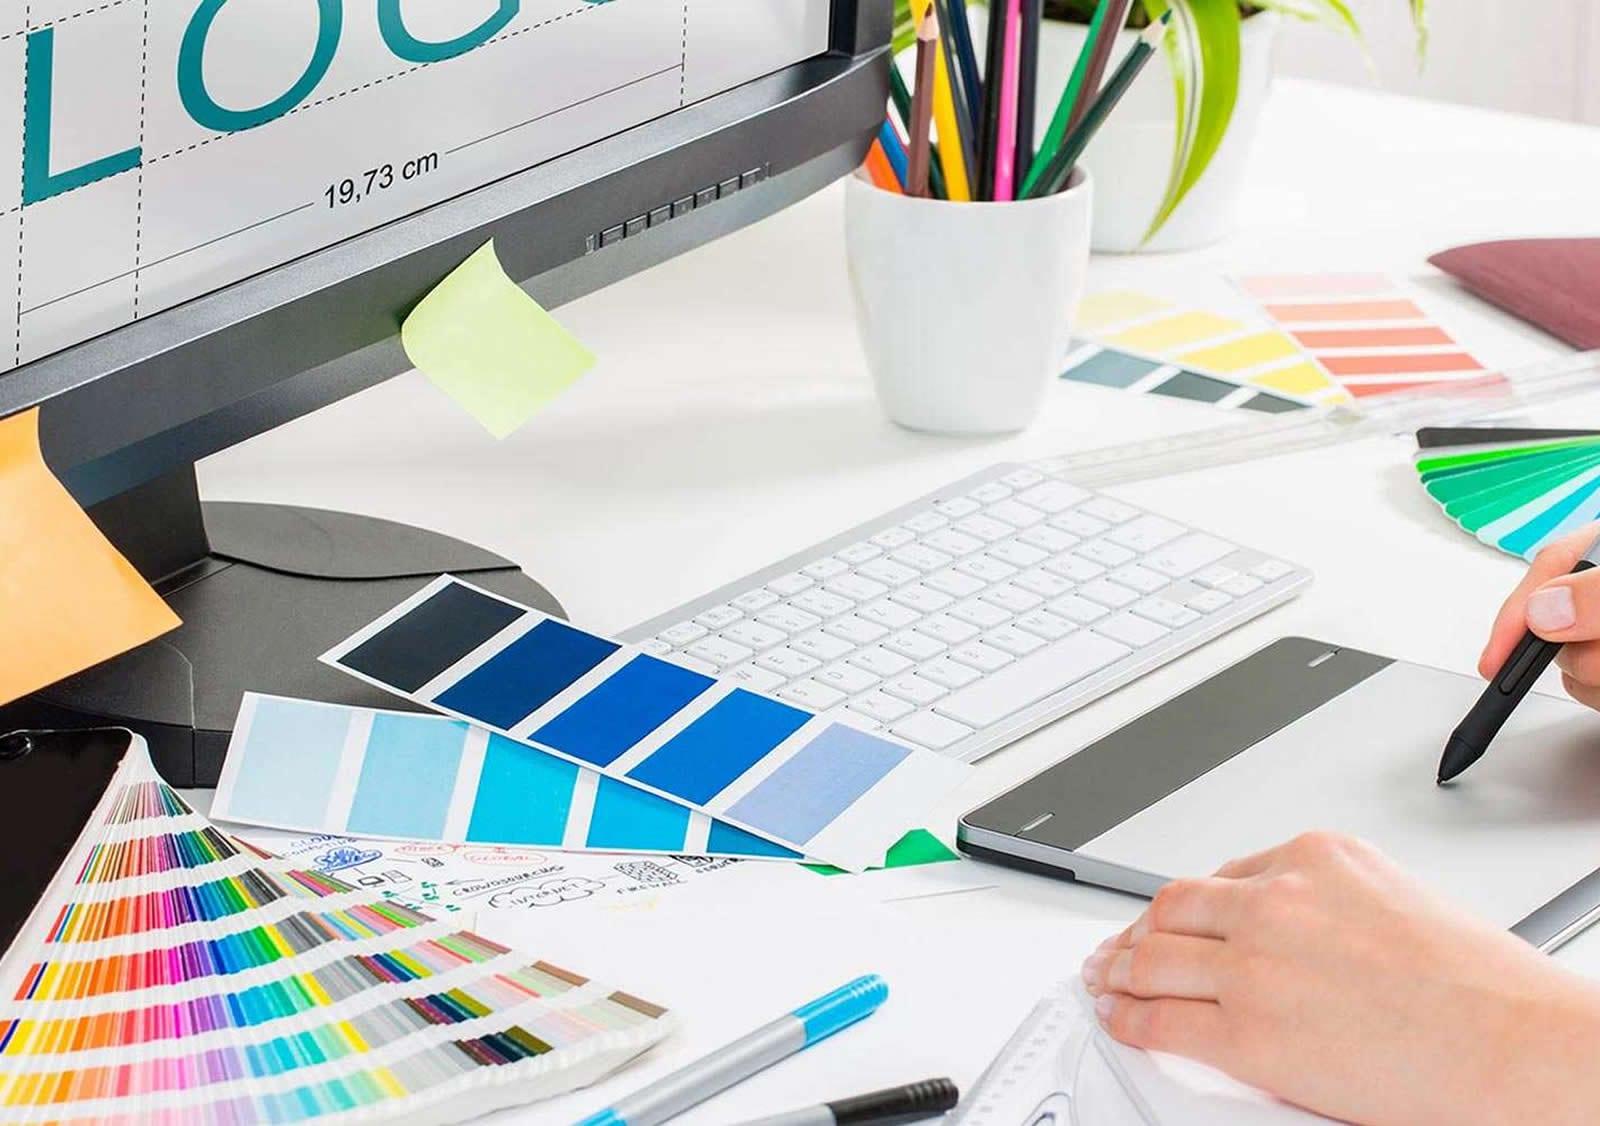 Agência de Criação - Belo Horizonte | Serviços de Design Gráfico em BH - Criação de Identidades Visuais - Logomarcas e de Comunicação Visual